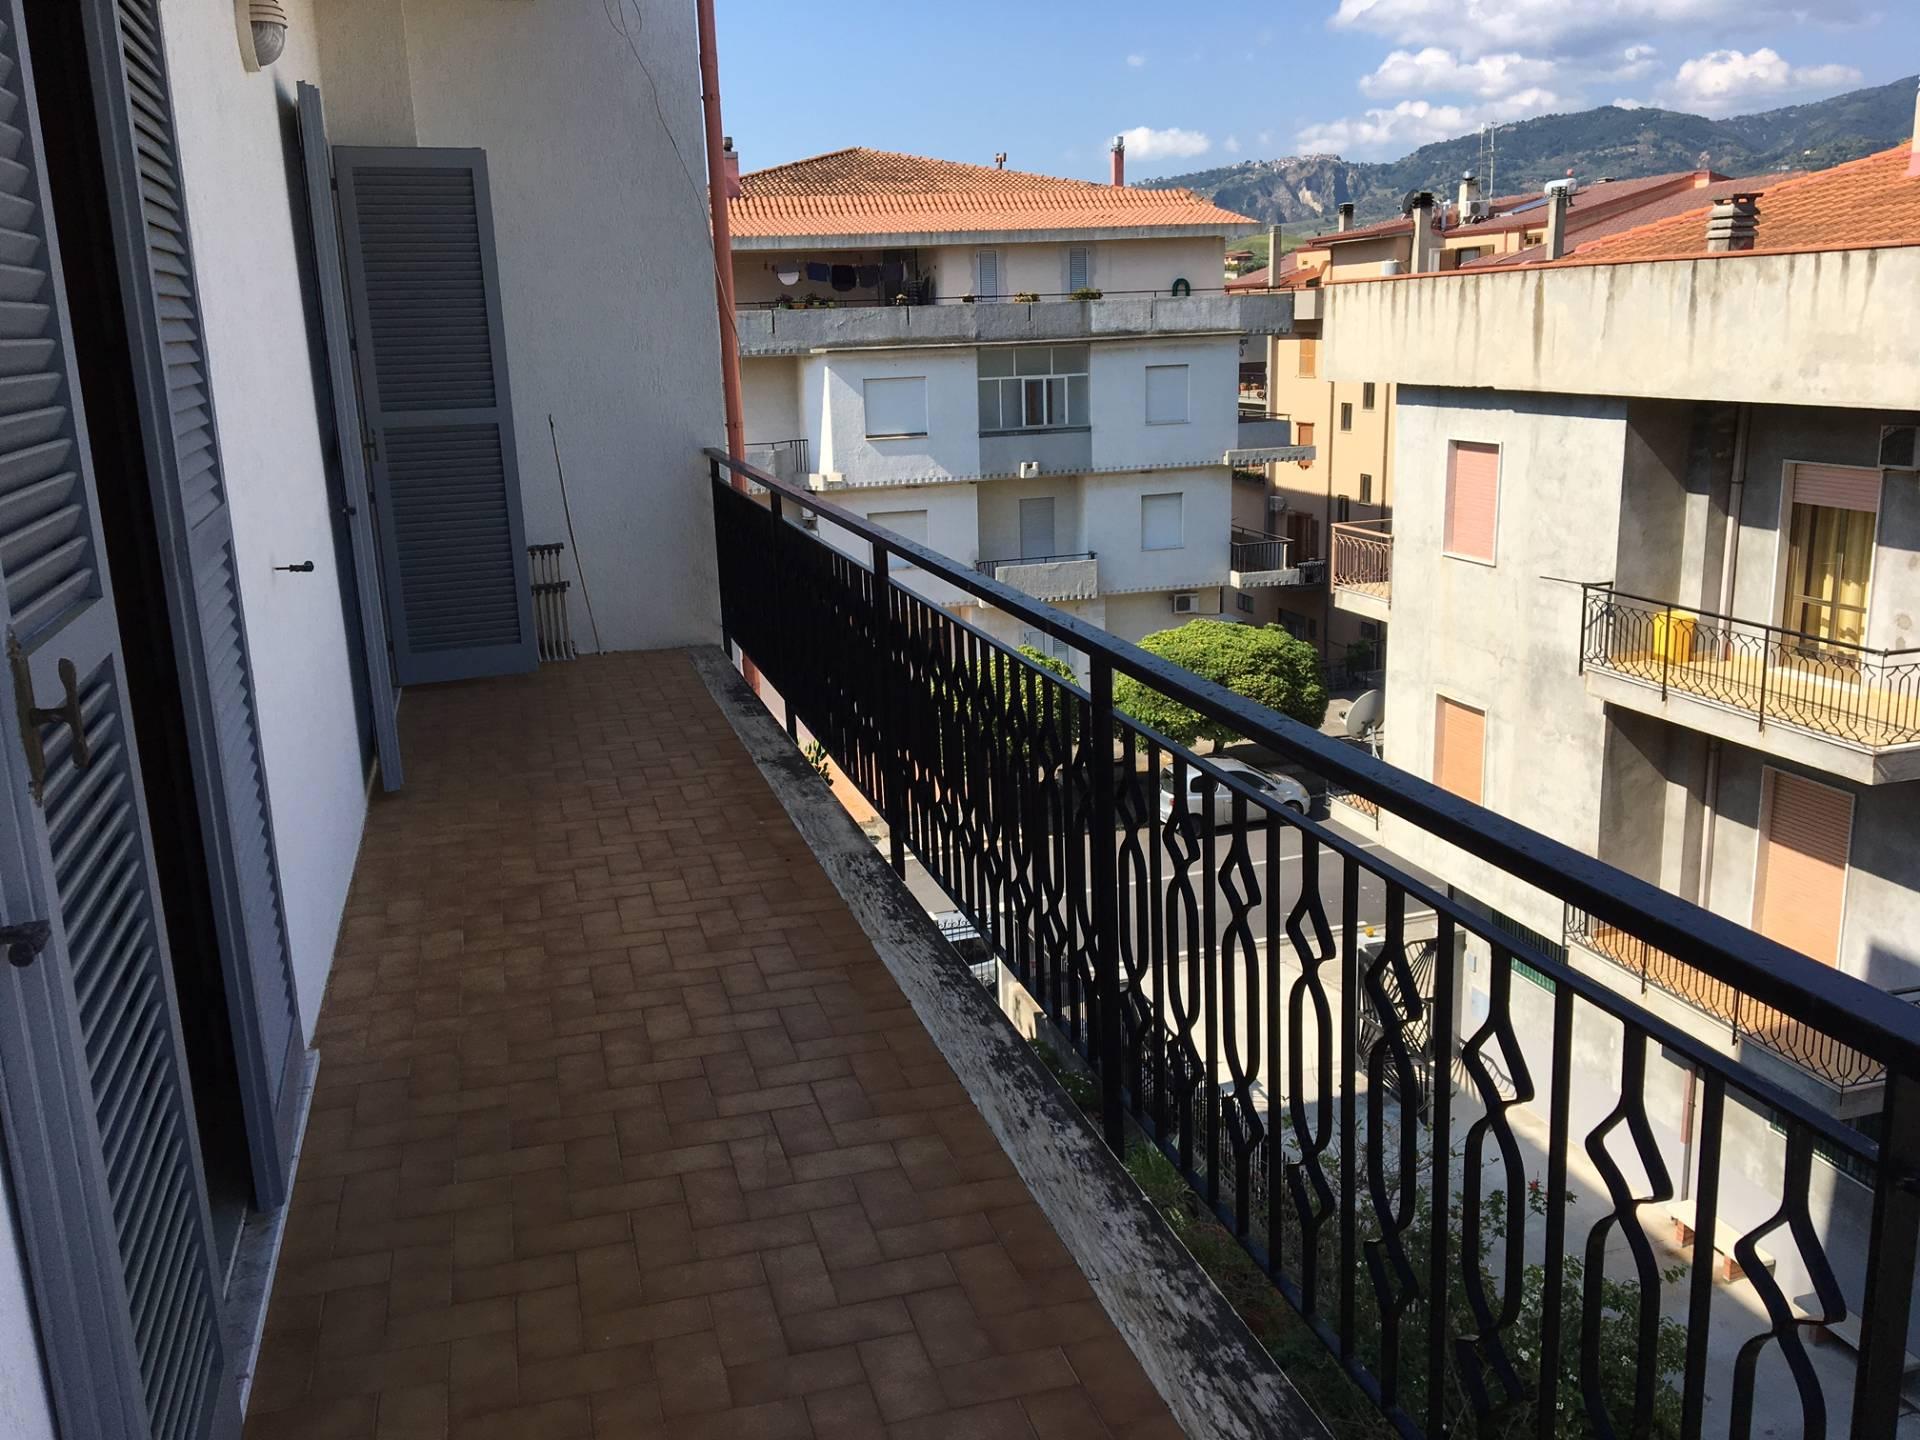 Appartamento in vendita a Badolato, 3 locali, zona Località: BadolatoMarina, prezzo € 80.000 | CambioCasa.it